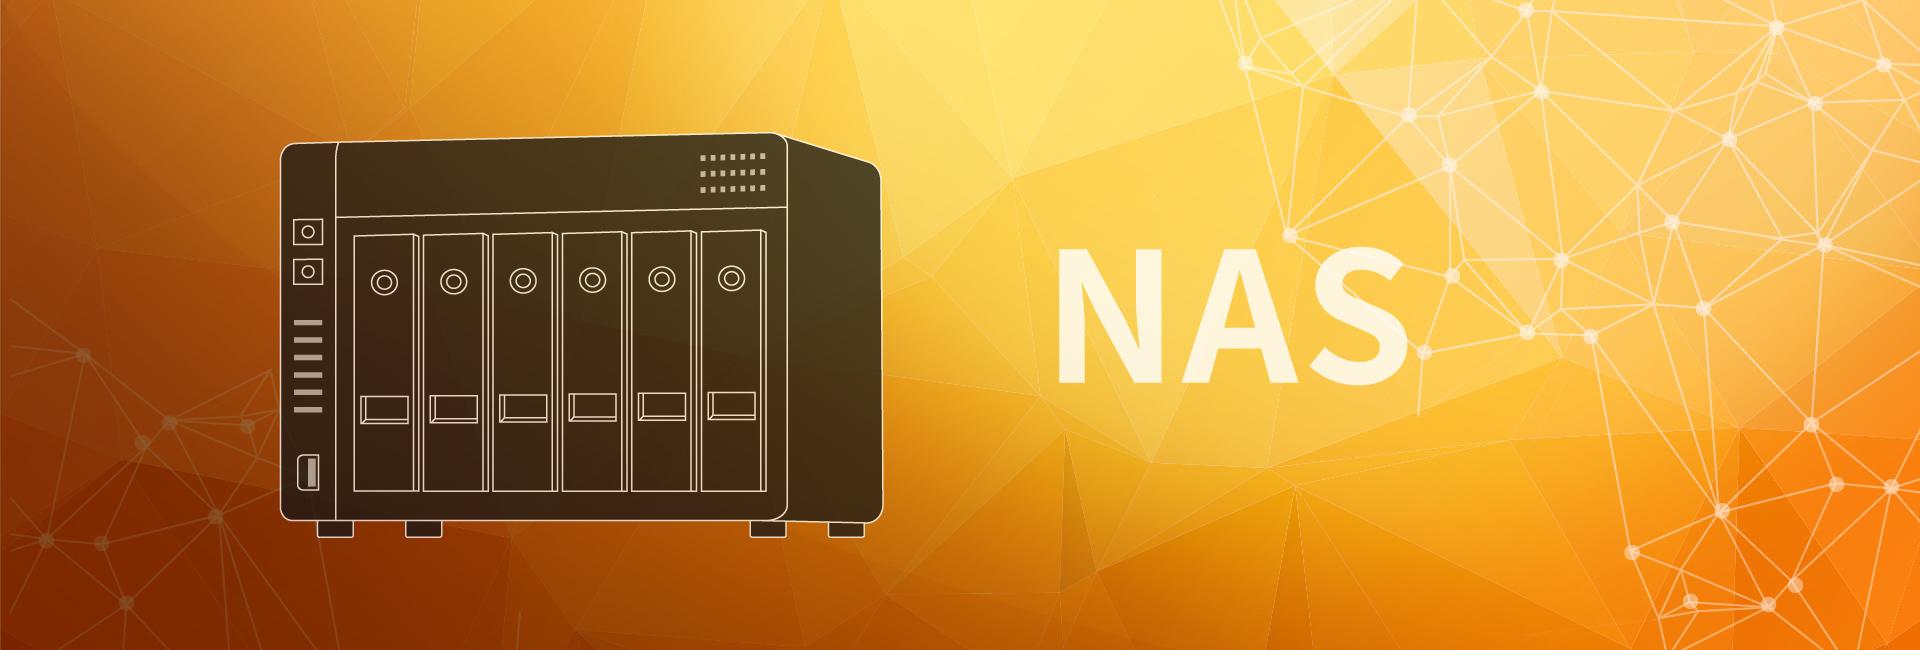 NAS網路儲存裝置